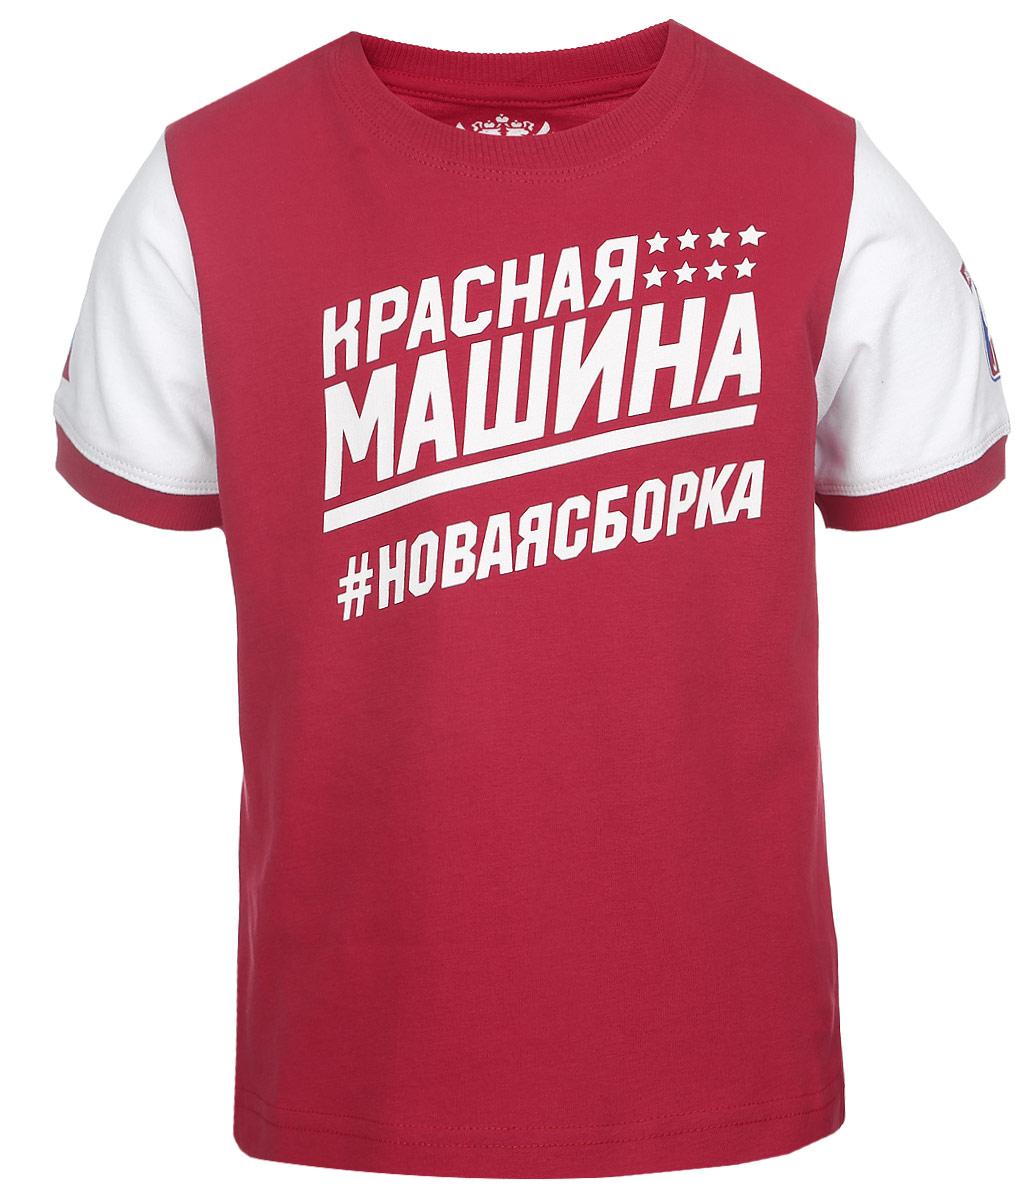 Футболка детская Красная Машина, цвет: красный, белый. 65160073. Размер 164 красная машина куртка с логотипом